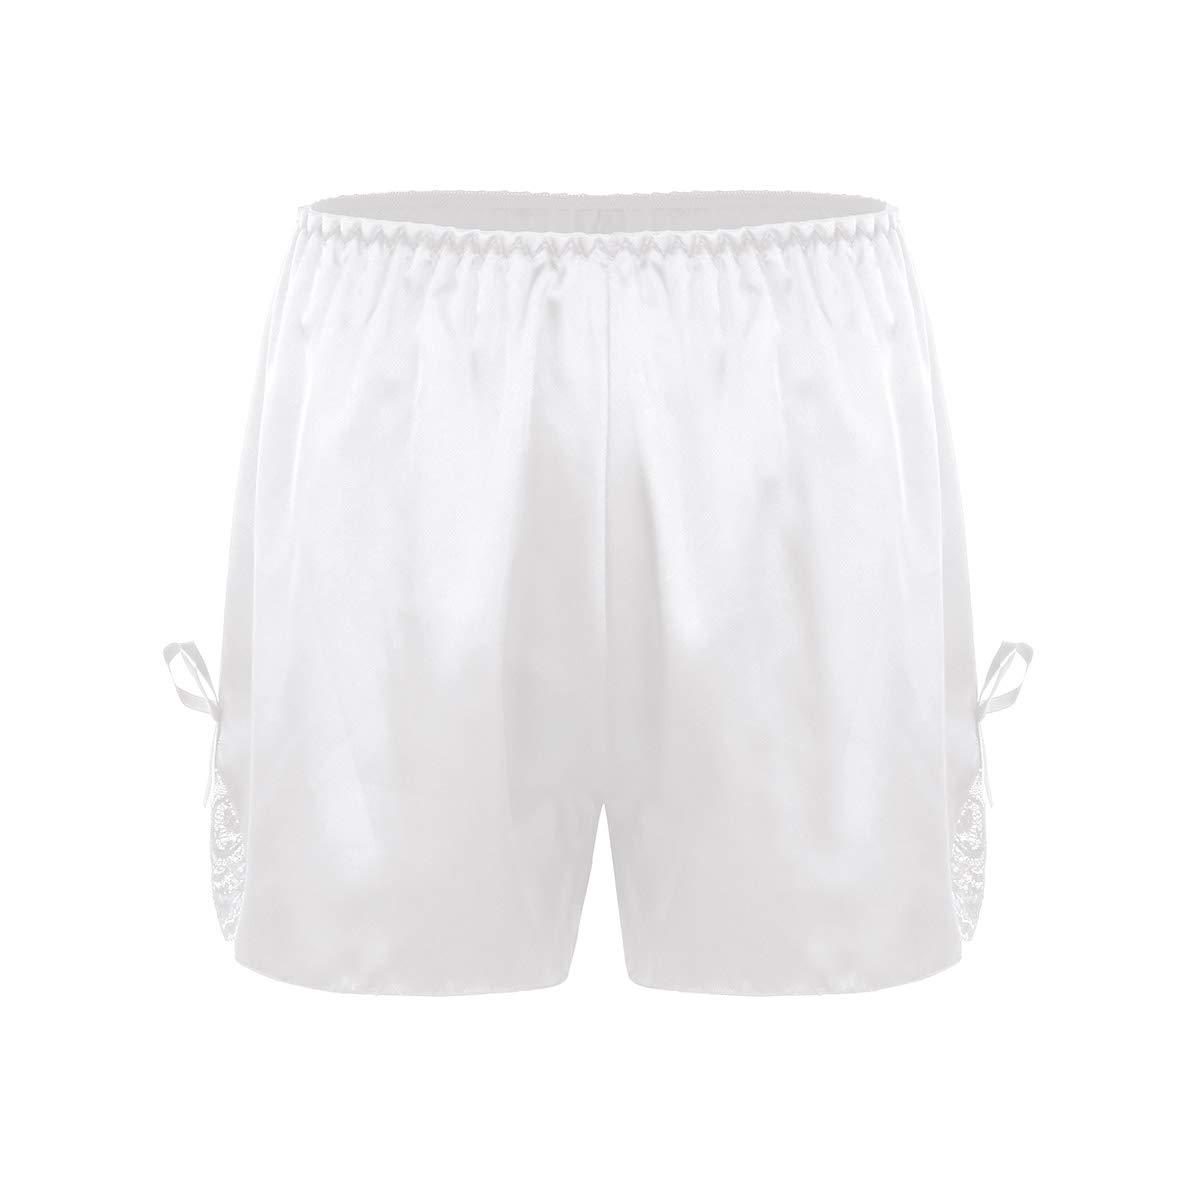 Freebily Womens Satin French Knickers Boxer Shorts Silk Lingerie Underwear Home Sleepwear Under Pants